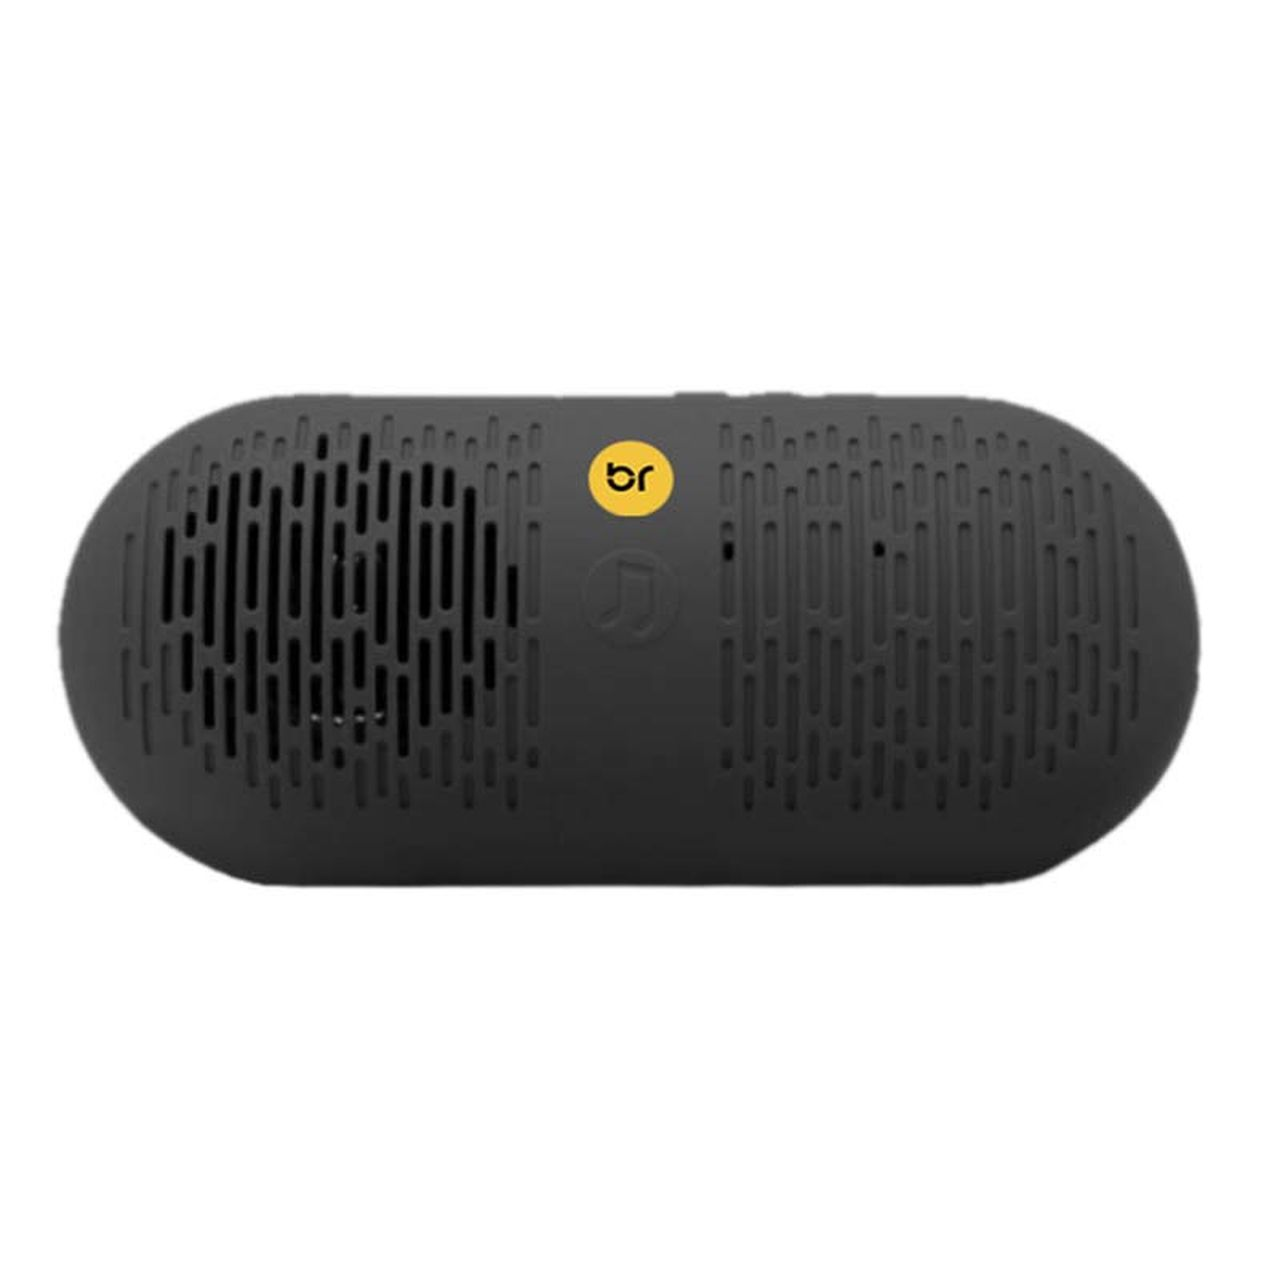 Caixa de Som Bluetooth Portátil, Entrada para cartão Micro SD e Rádio FM Preta 504 - Bright